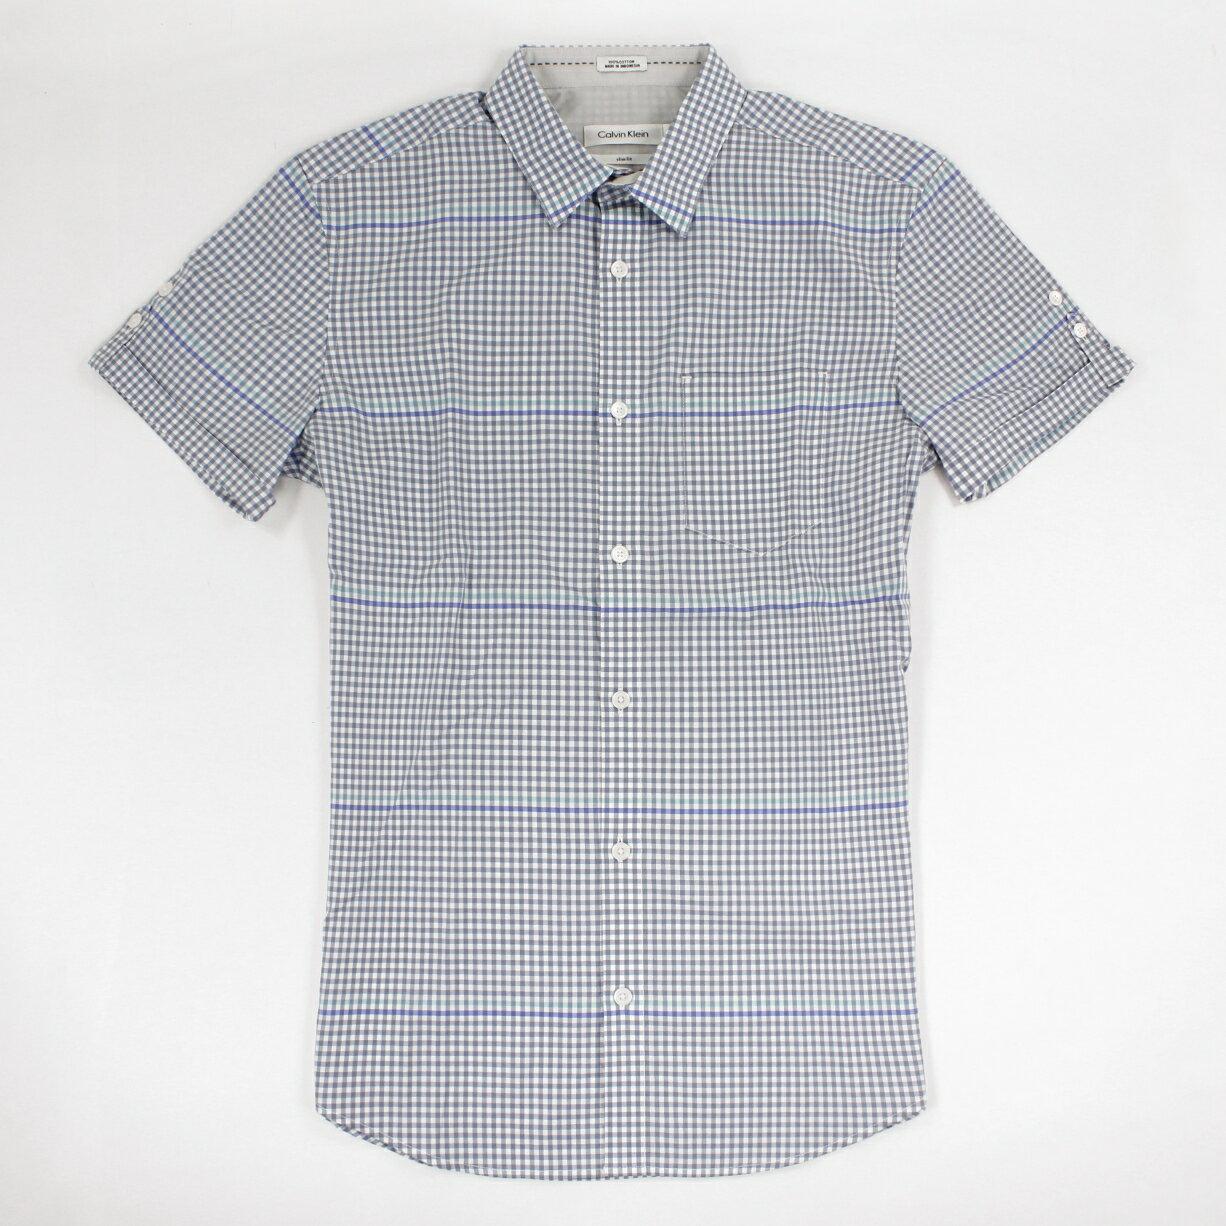 美國百分百【全新真品】Calvin Klein 襯衫 CK 男衣 短袖 上班 休閒 合身 格紋 XS L 粉藍 E238